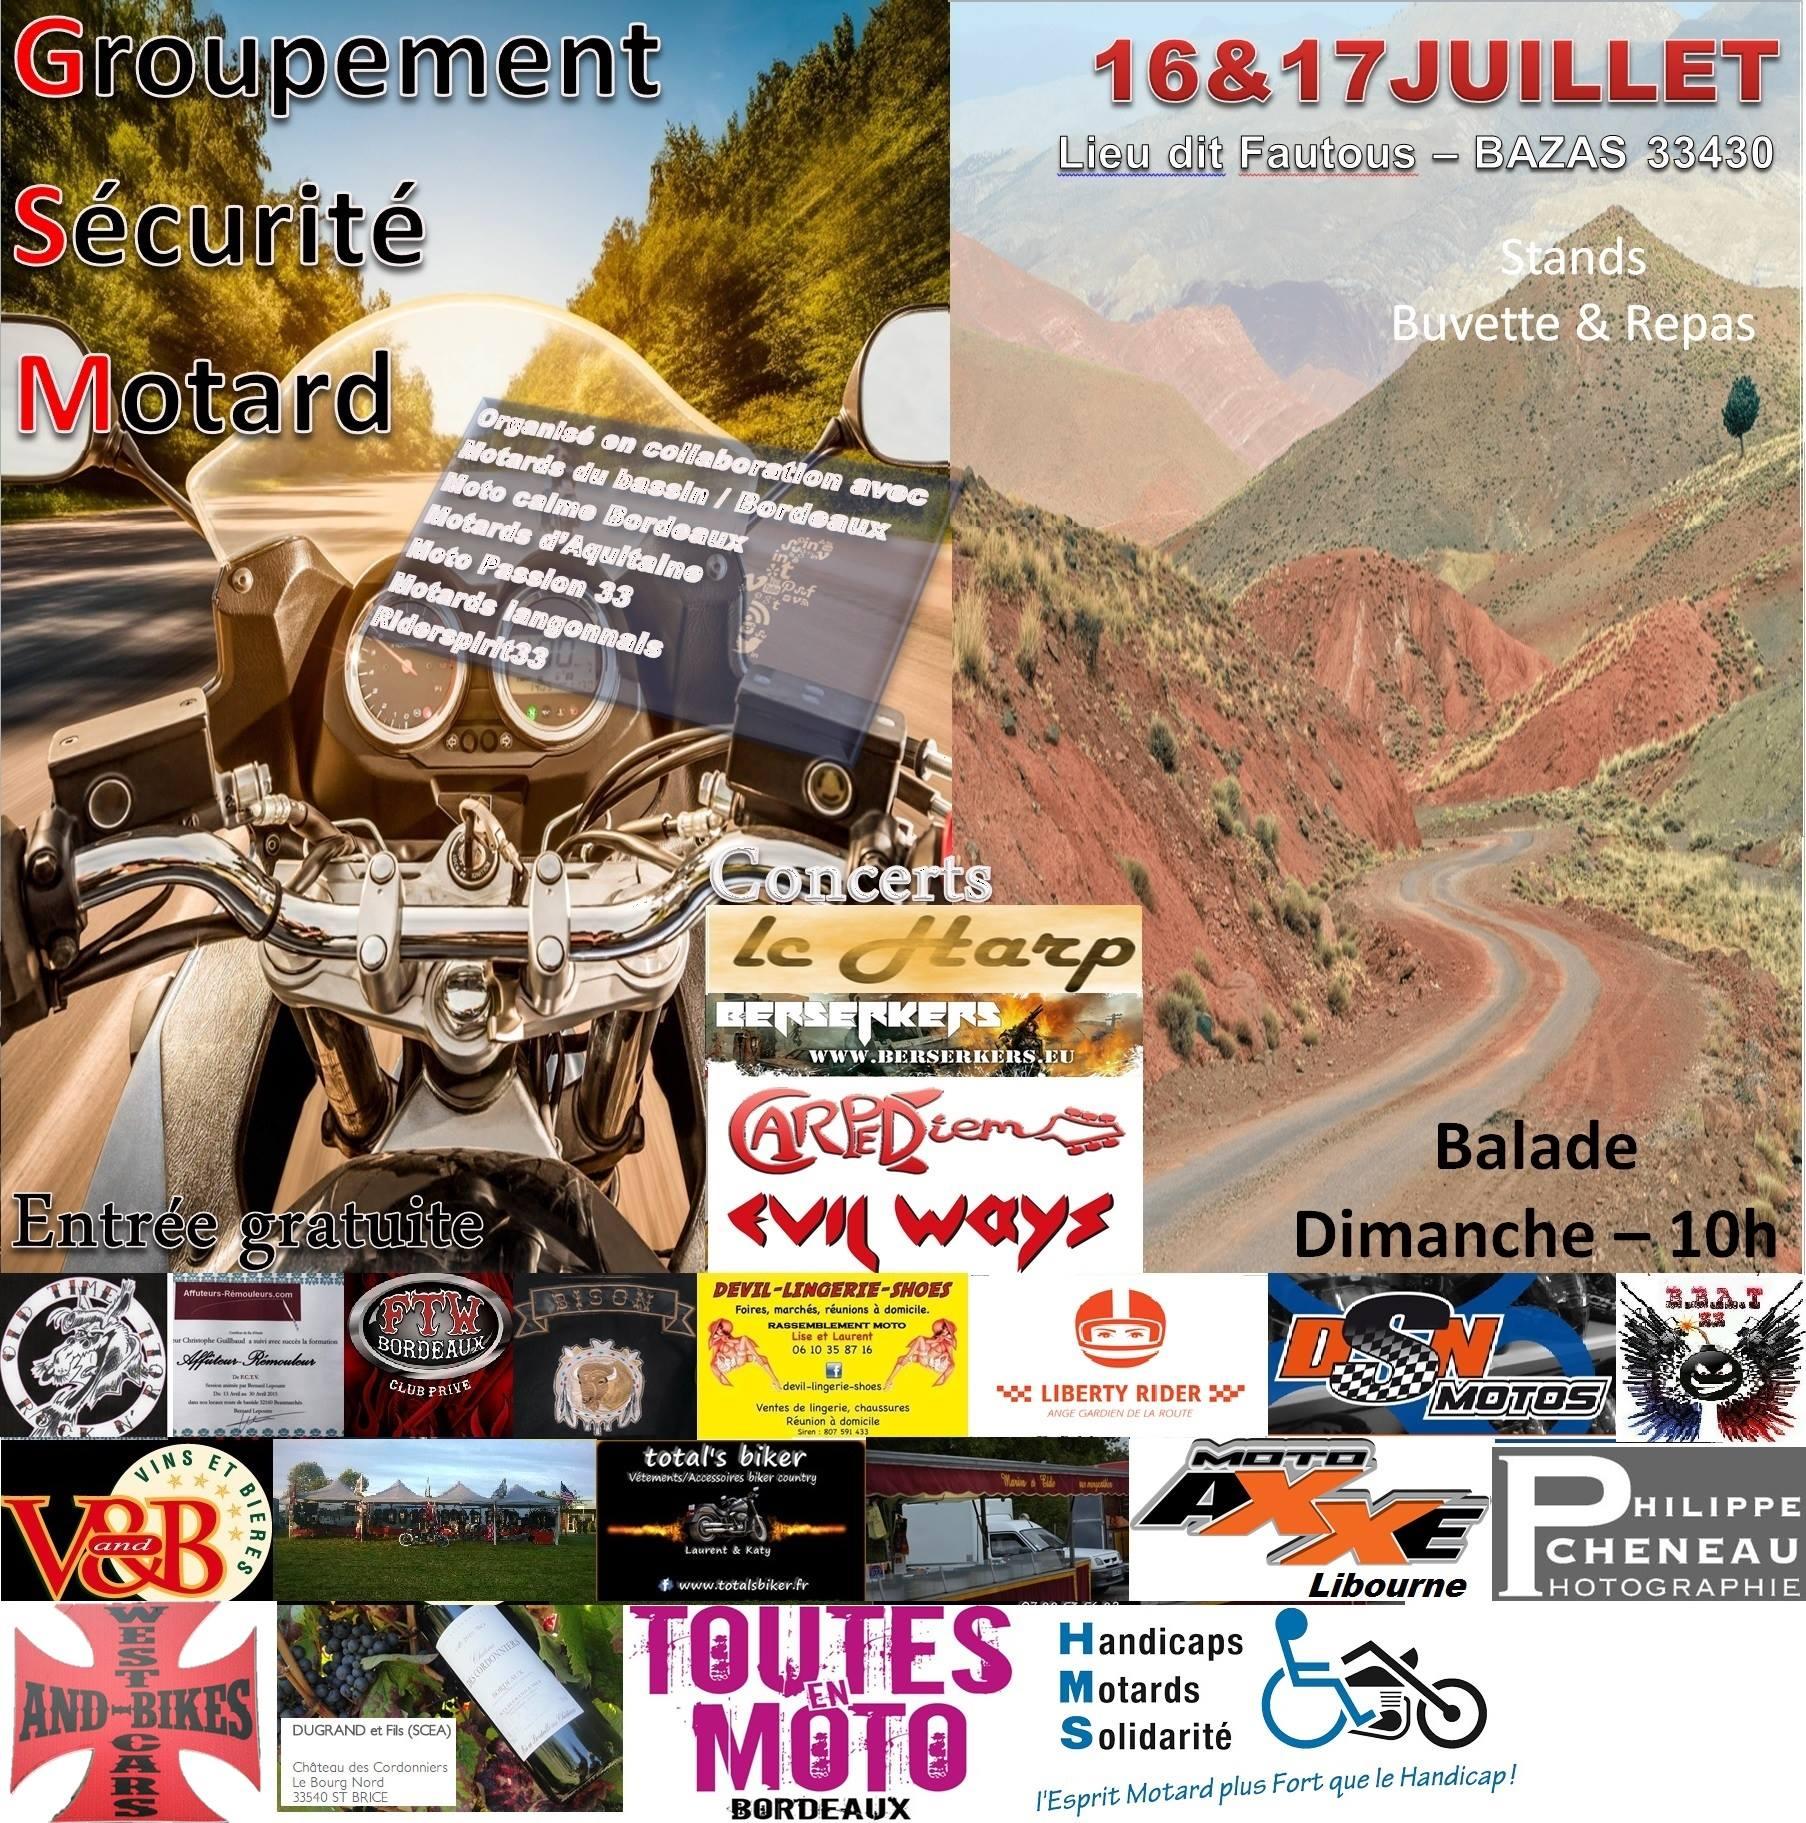 Concert-les_potes_du_bazadais-bazas-carpe_diem-bikers